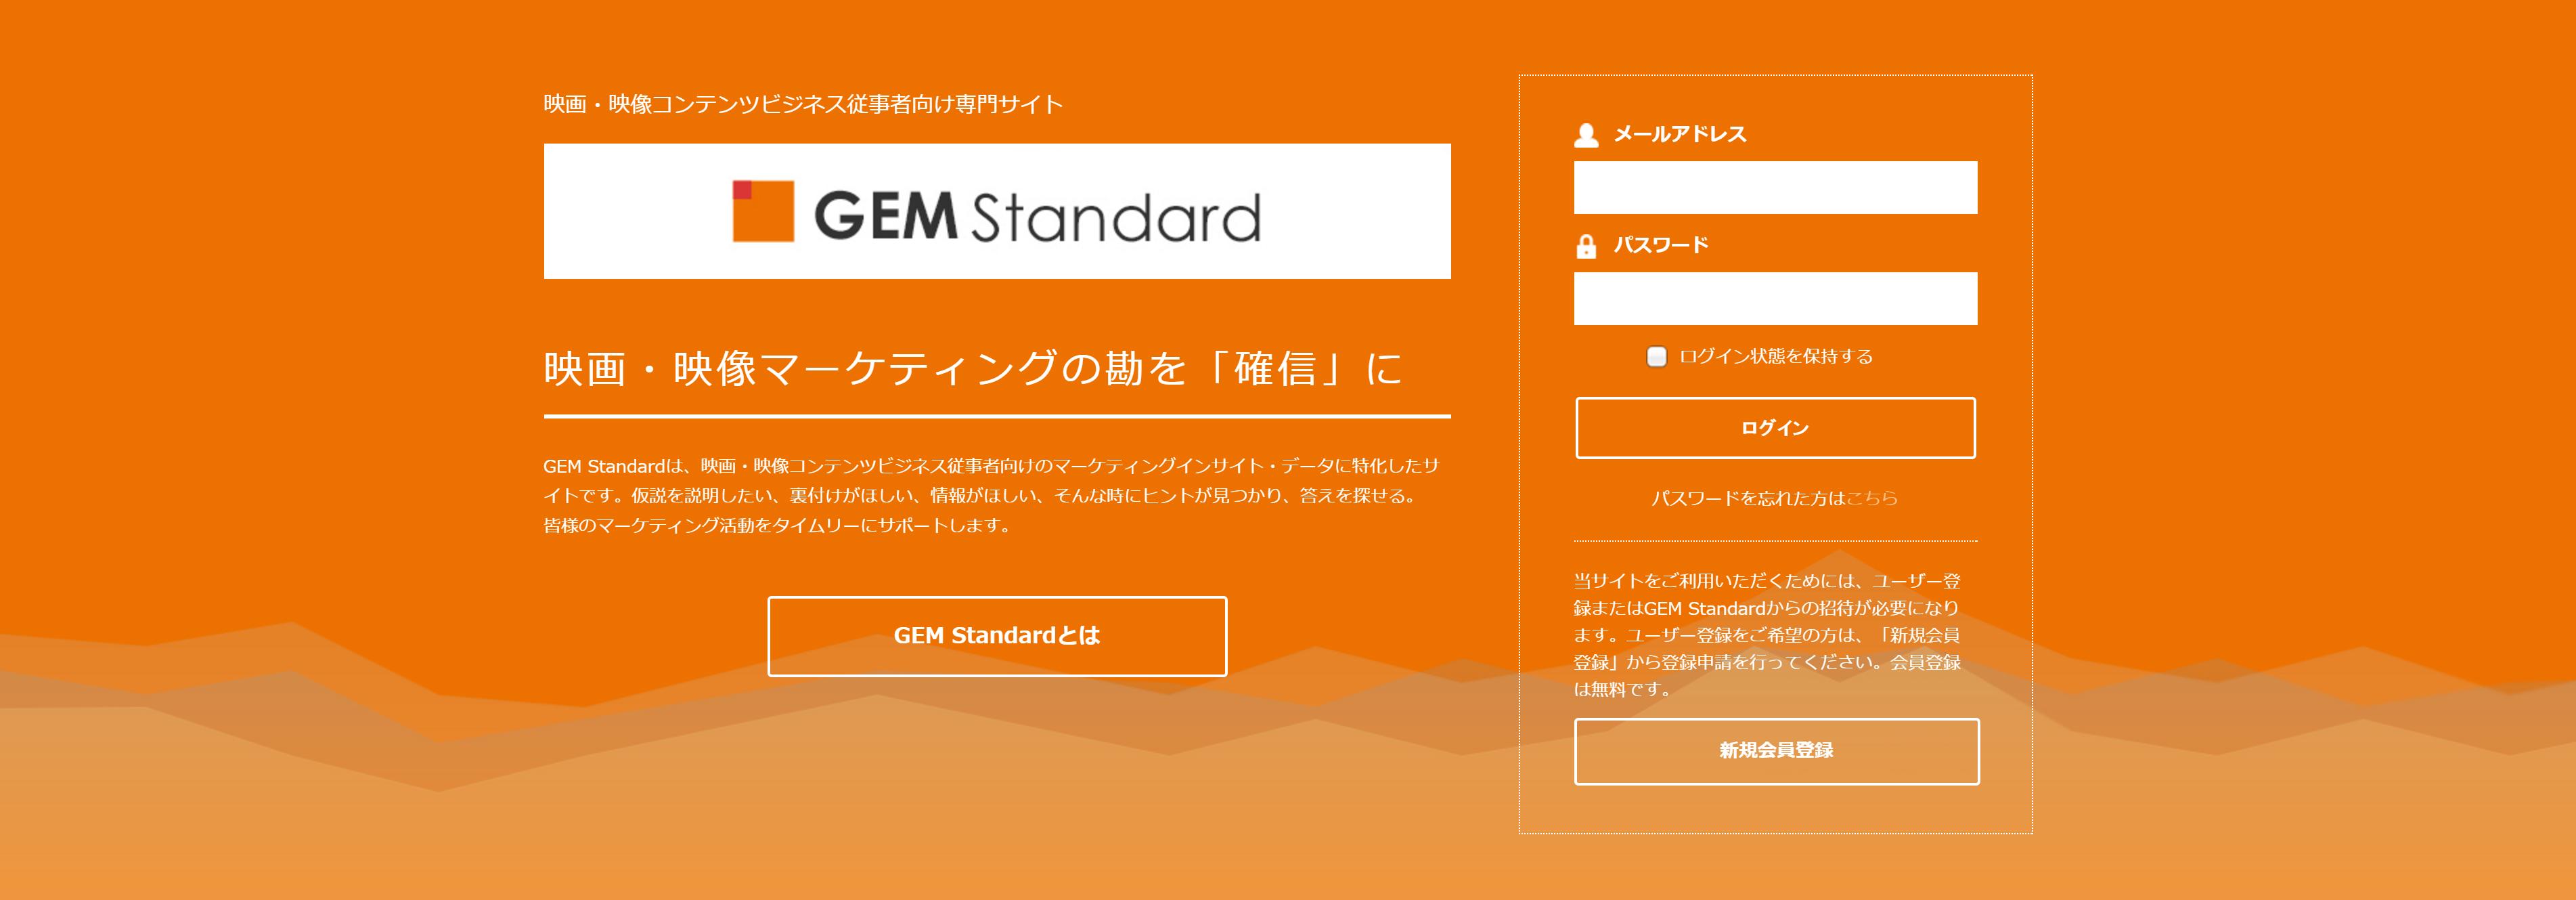 GEM Standard